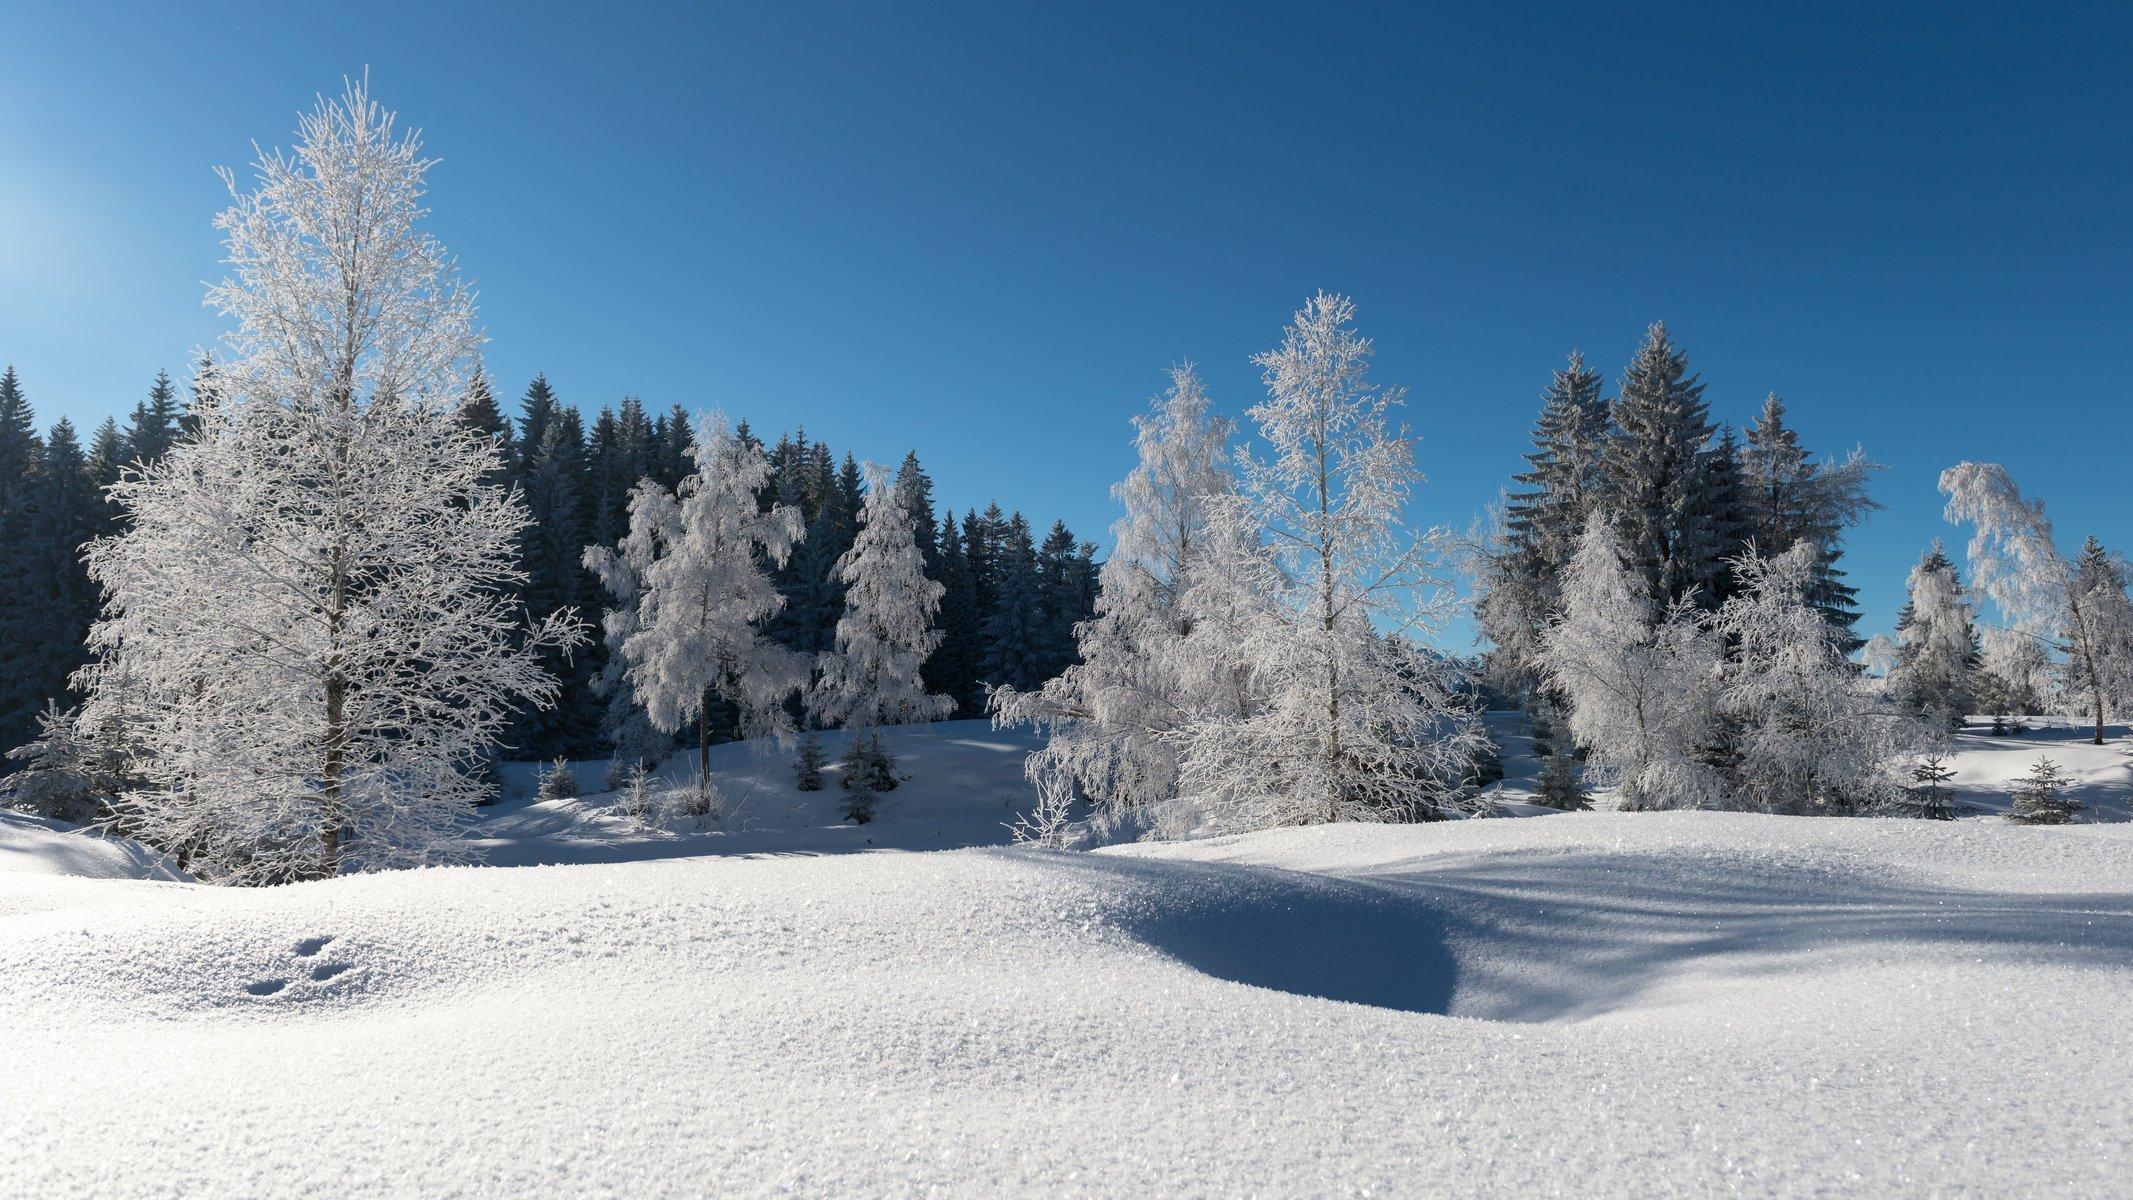 попрошаек картинки зима в высоком качестве на русском была весьма музыкальной